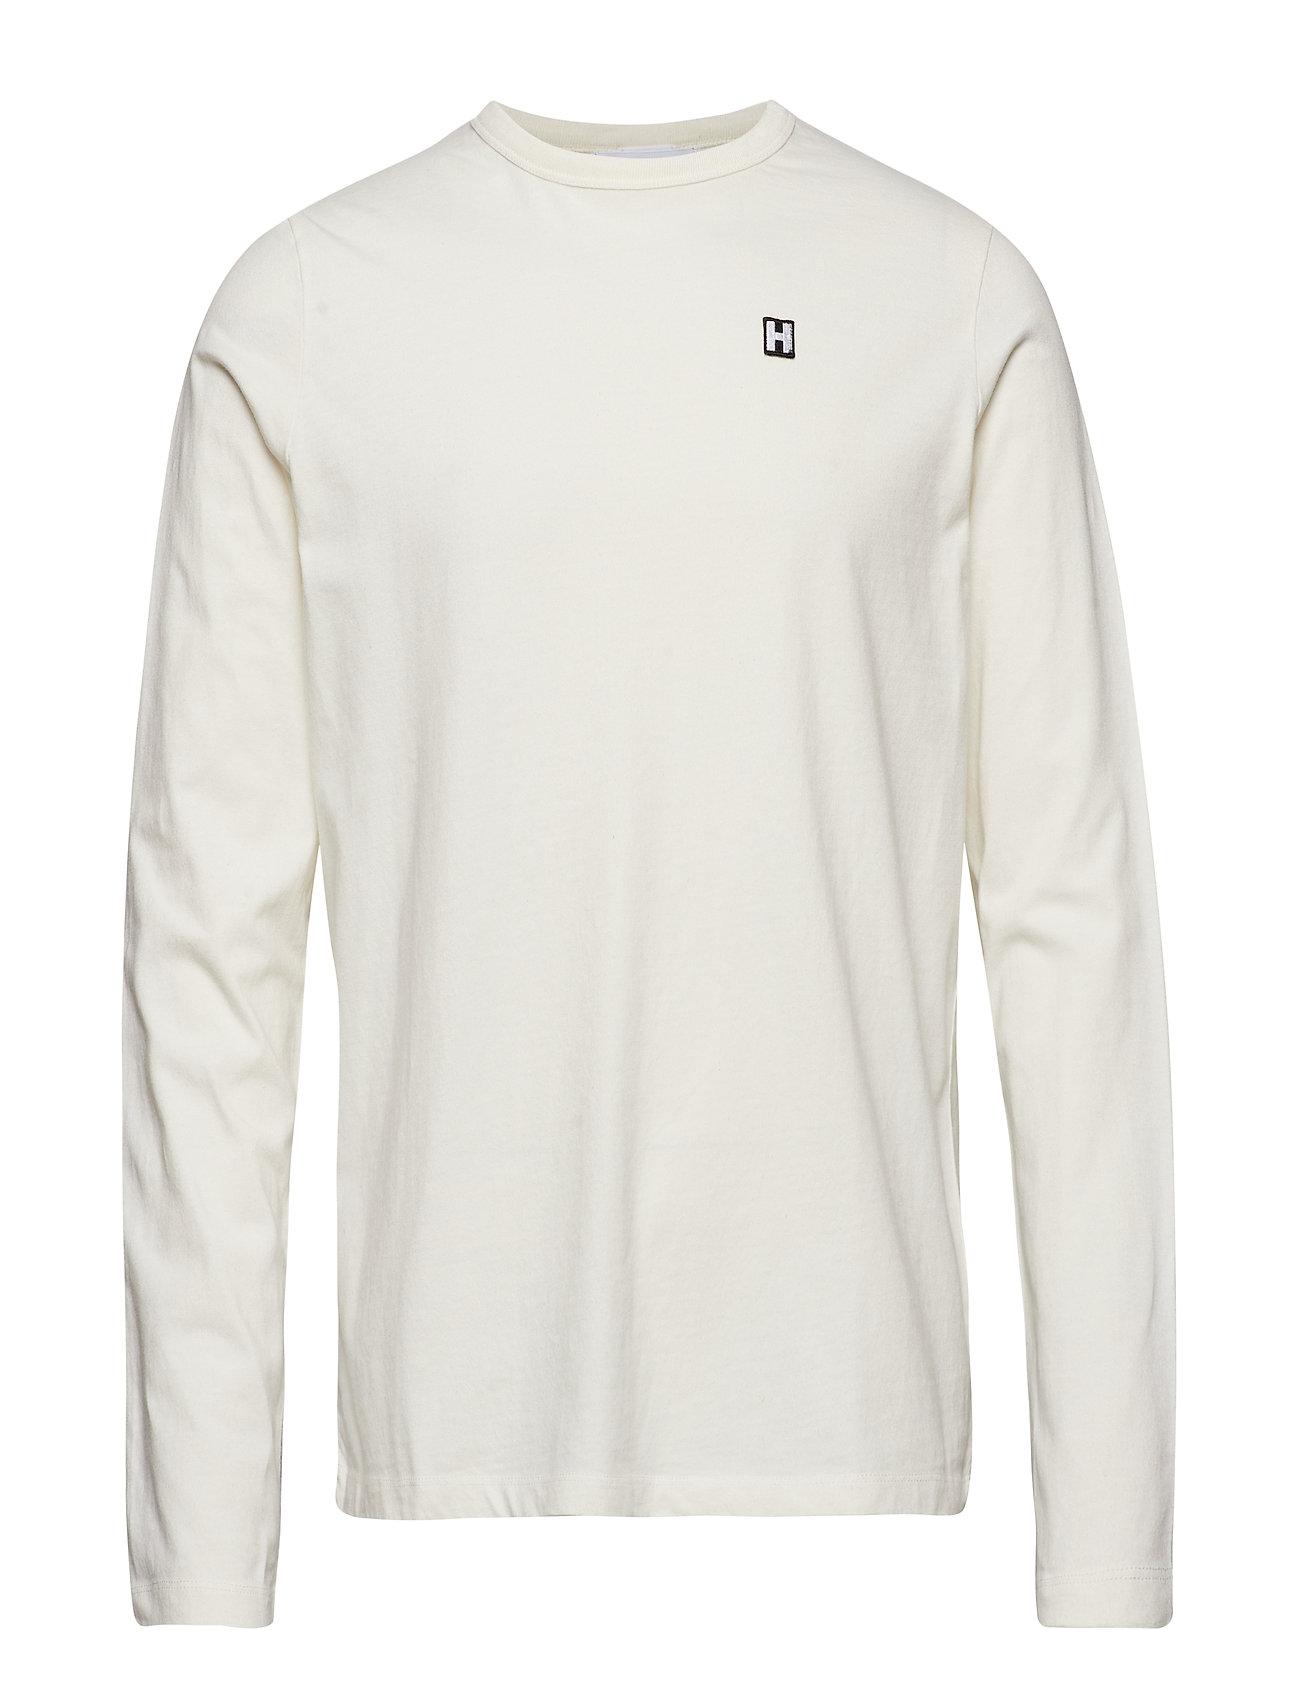 3007be4c Hope langærmede t-shirts – Final Ls Tee til herre i Hvid - Pashion.dk